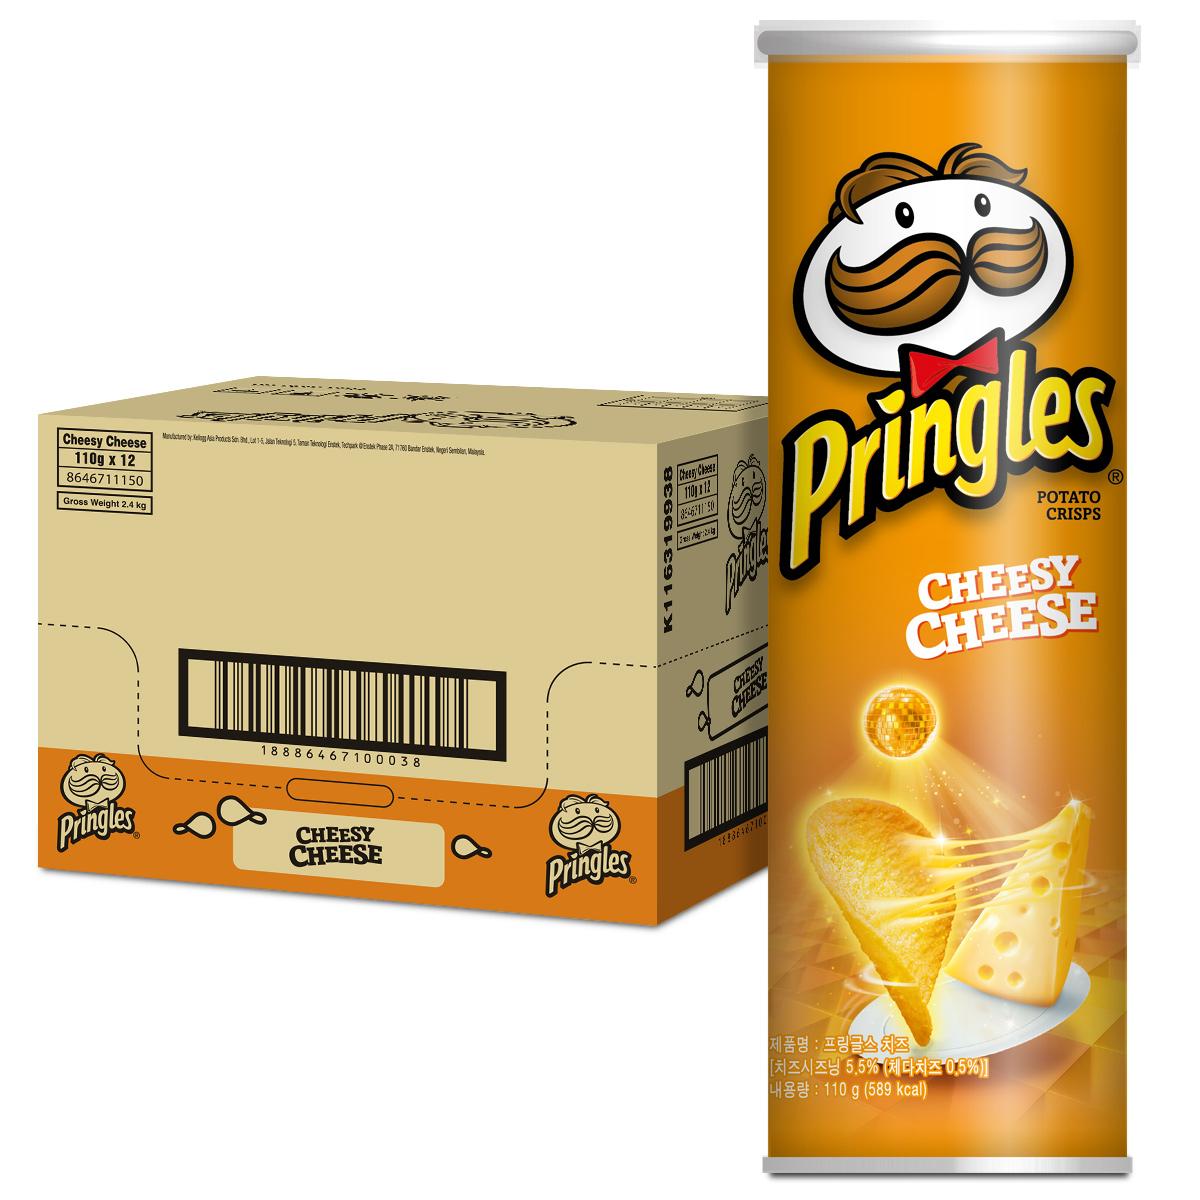 켈로그 프링글스 치즈맛, 110g, 12개입